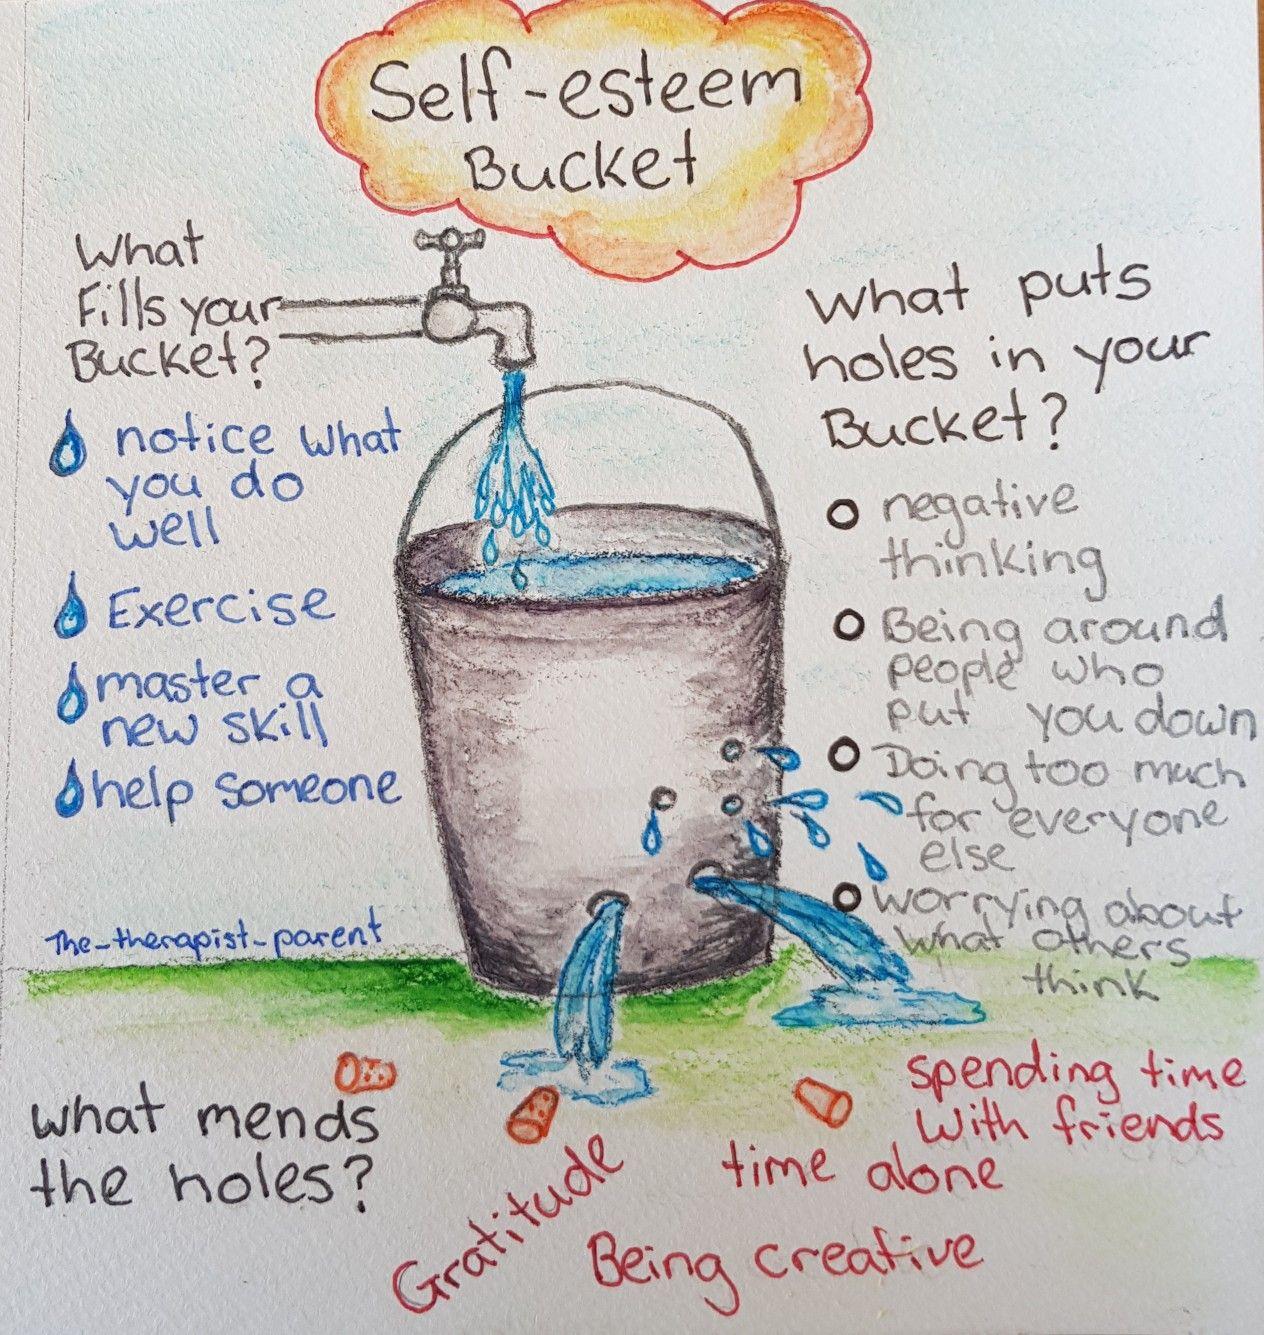 Self-esteem bucket activity